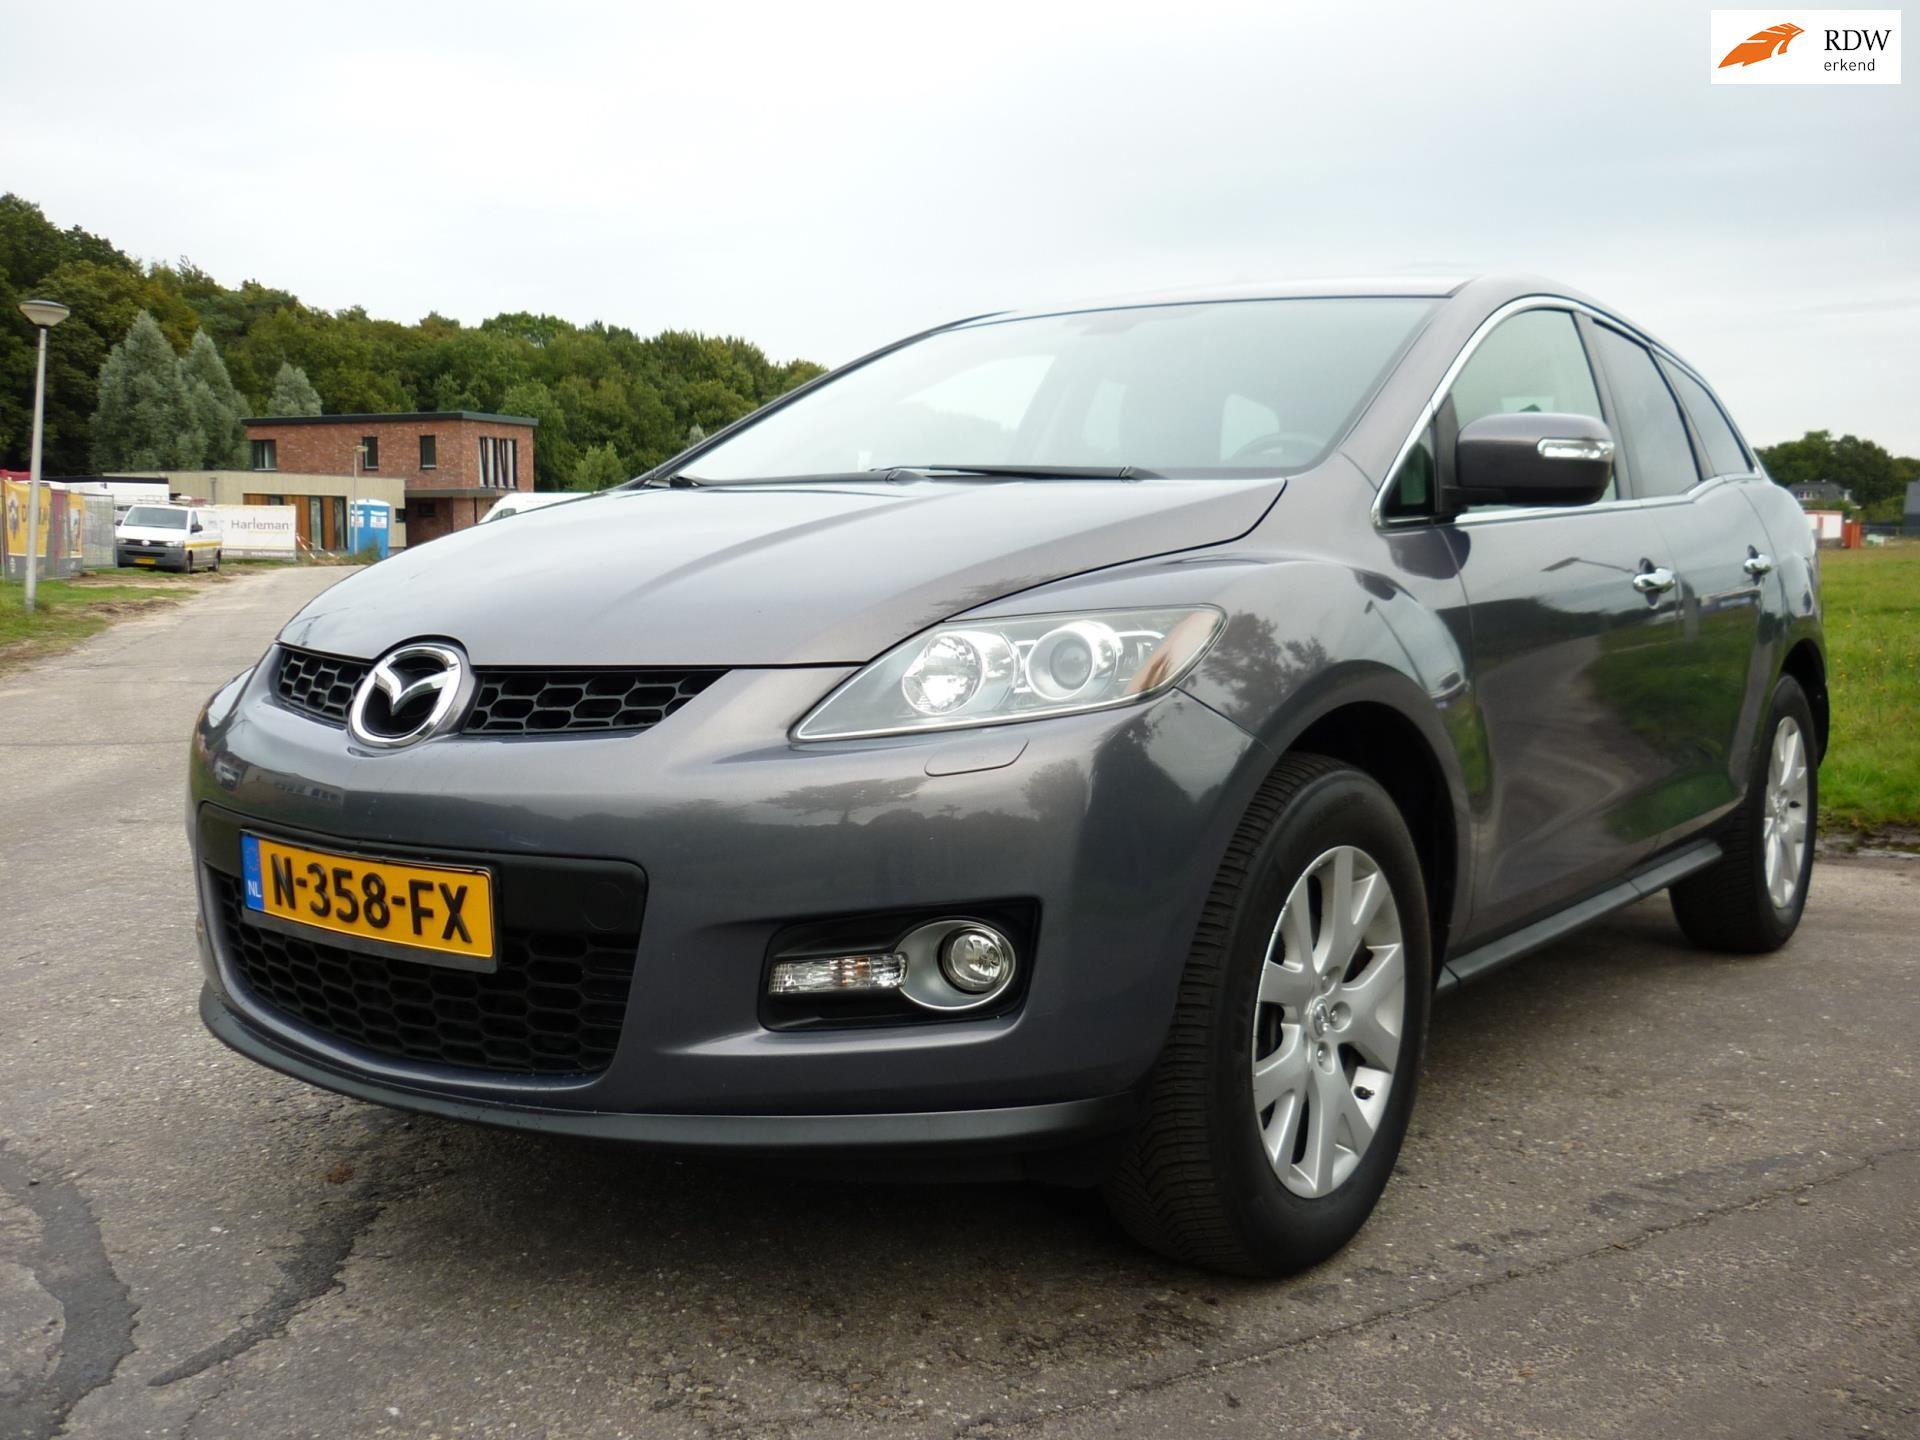 Mazda CX-7 occasion - Handelsonderneming Endendijk